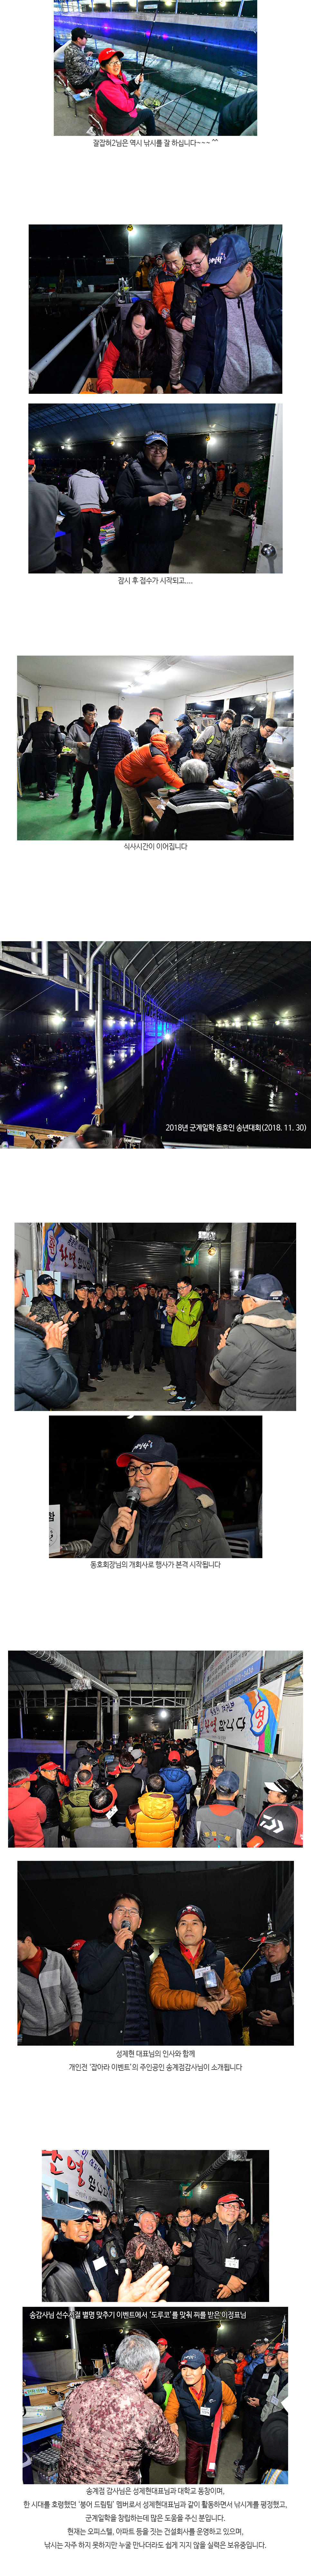 2018 군계일학 송년회(농촌지) - 02.jpg